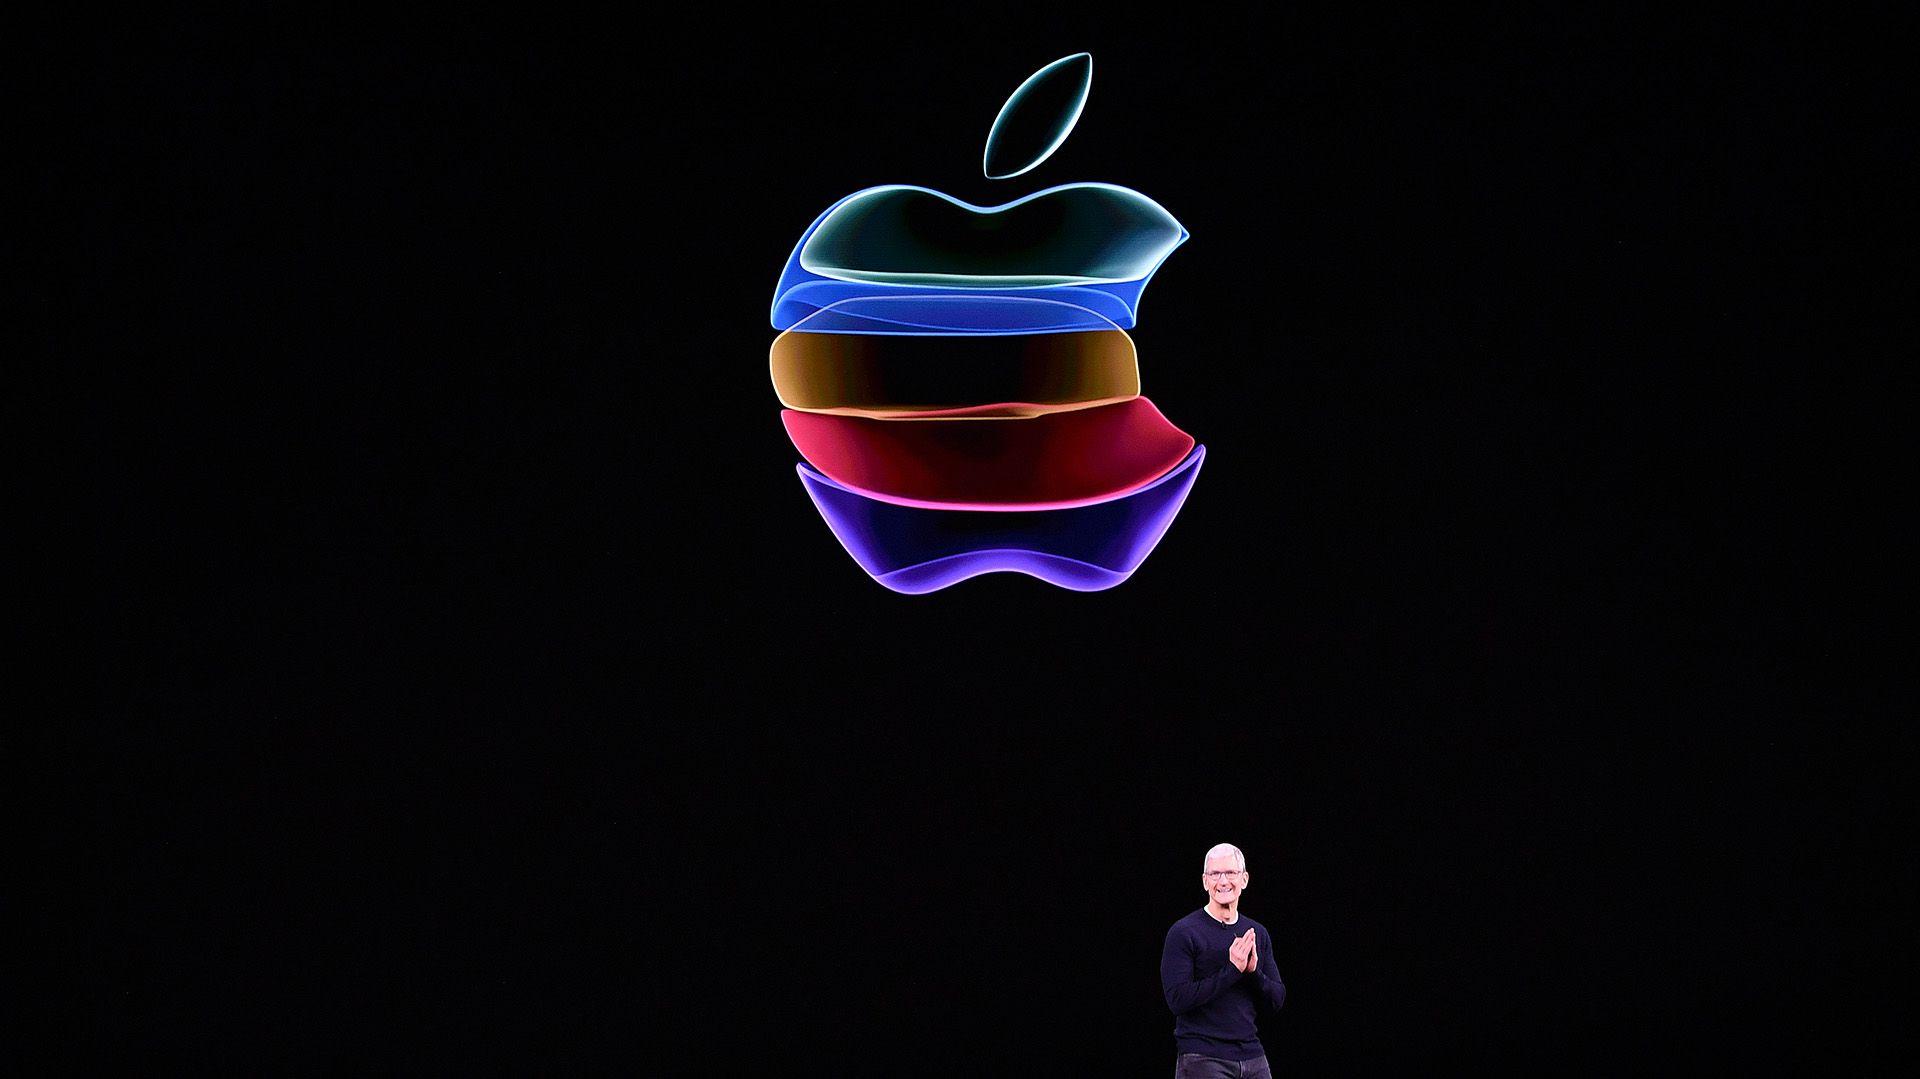 El precio de las nuevas versiones del iPhone 11 Pro serán las más costosas del mercado tecnológico. (Foto: Josh Edelson/AFP)